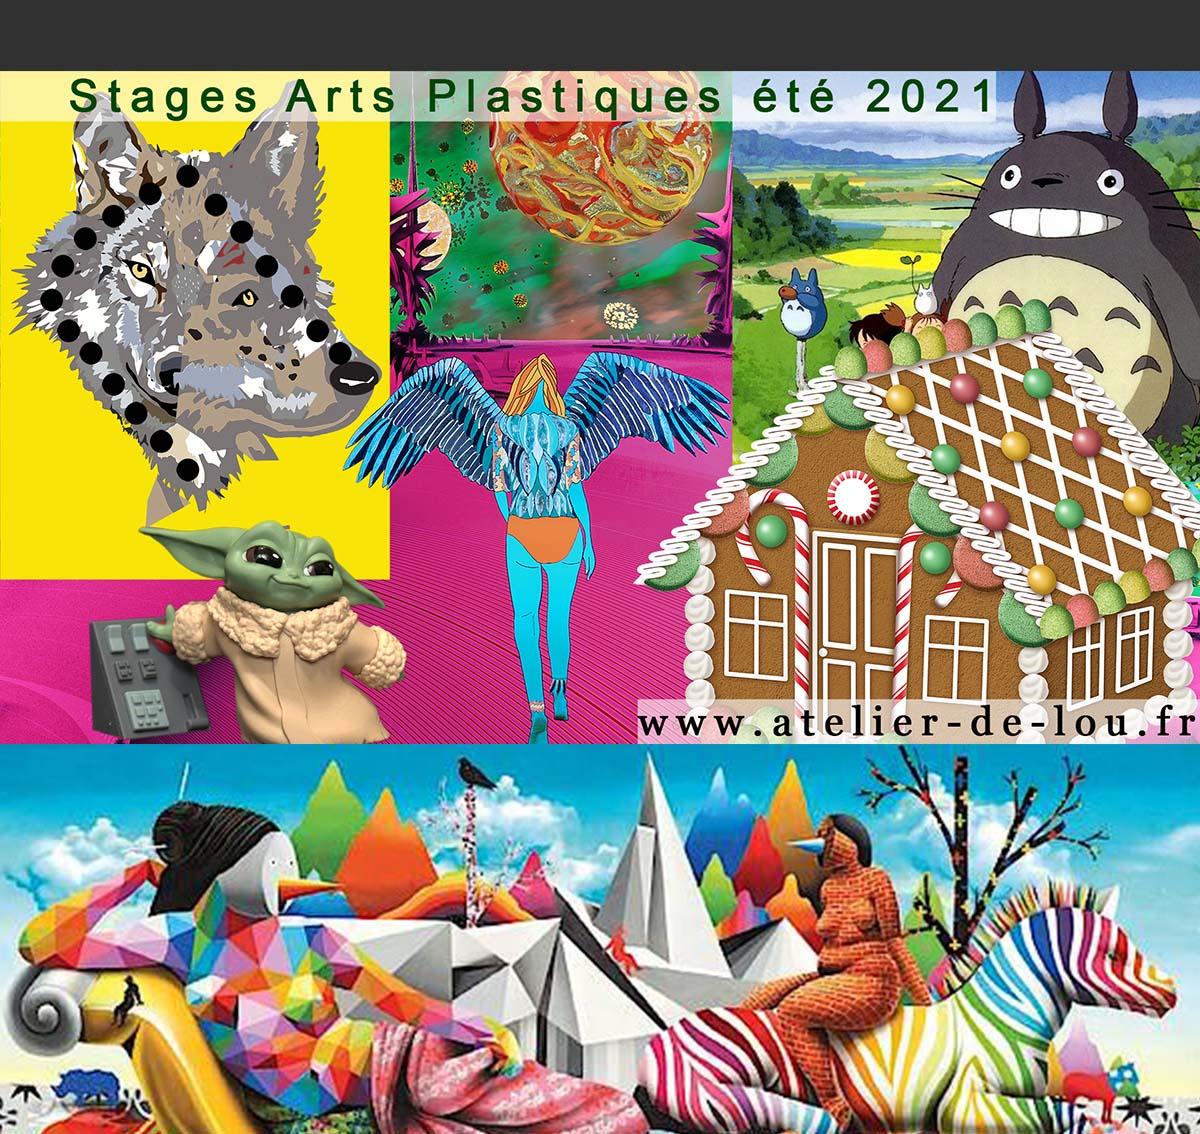 Activités et stages enfants ados ete 2021 à Reims